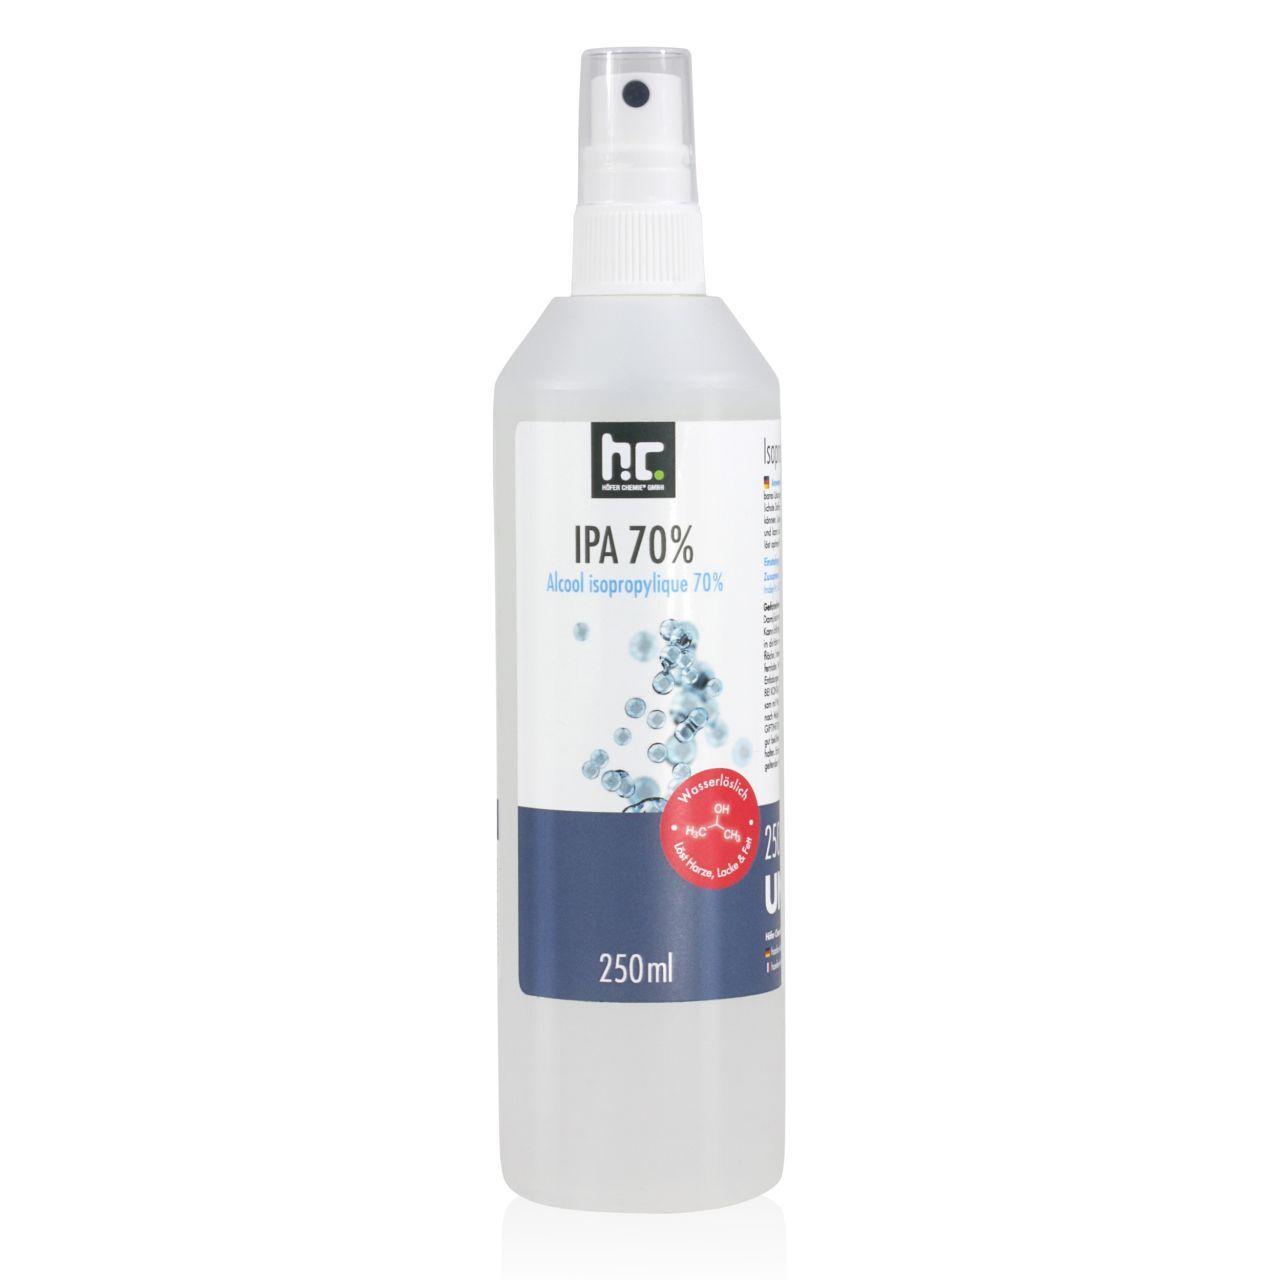 Höfer Chemie 1,5 l alcool isopropylique 70% en flacon vaporisateur (6 x 250 ml)